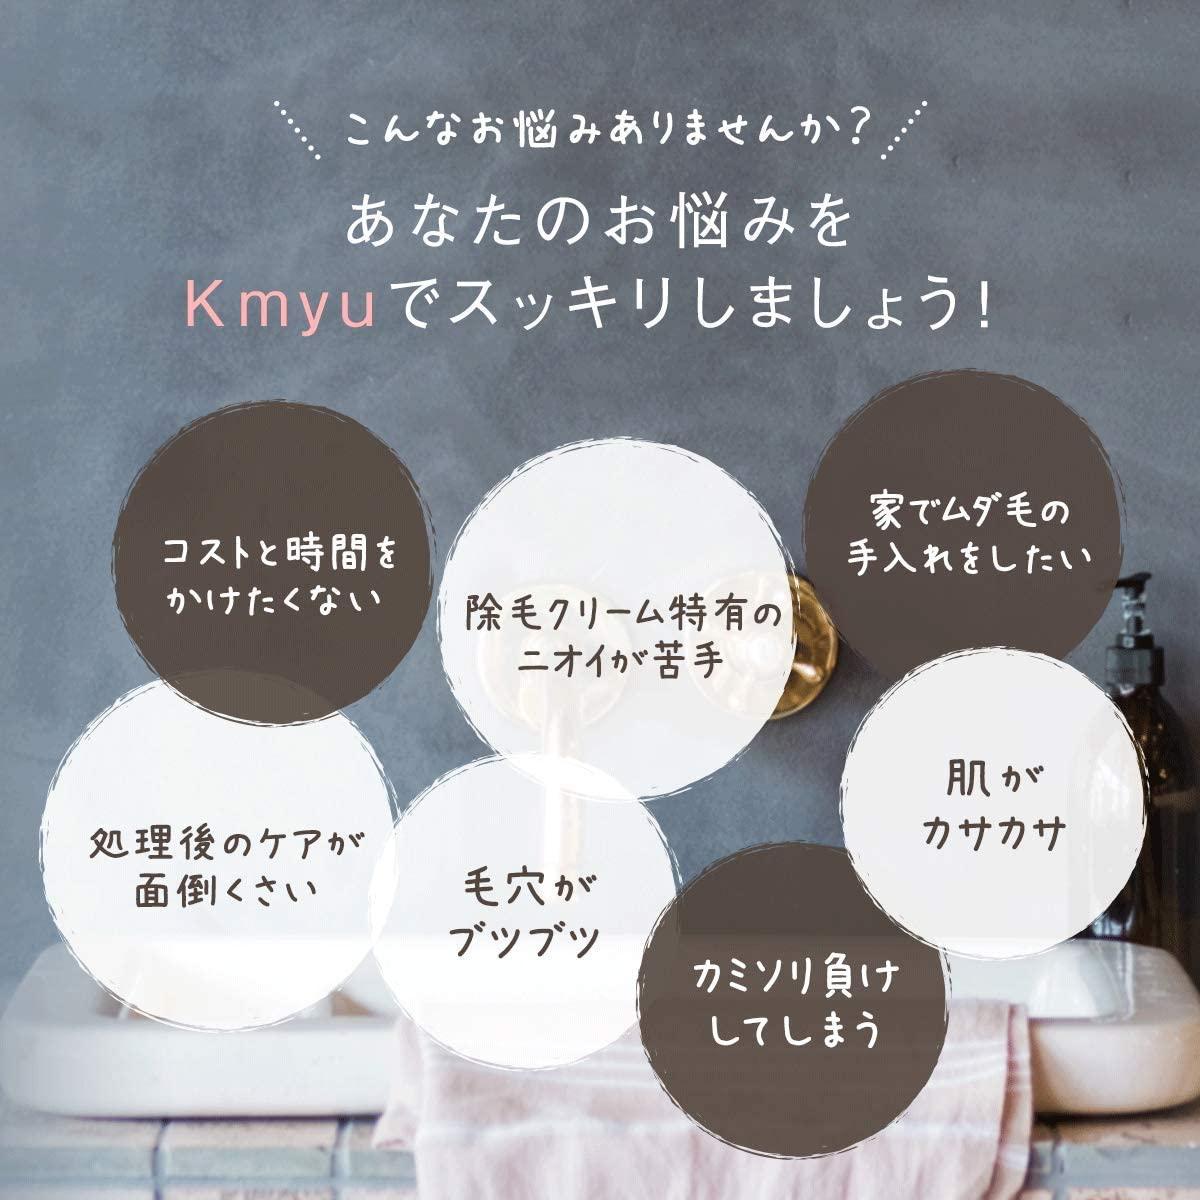 CONTRIBUTION(コントリビューション)Kmyuの商品画像3